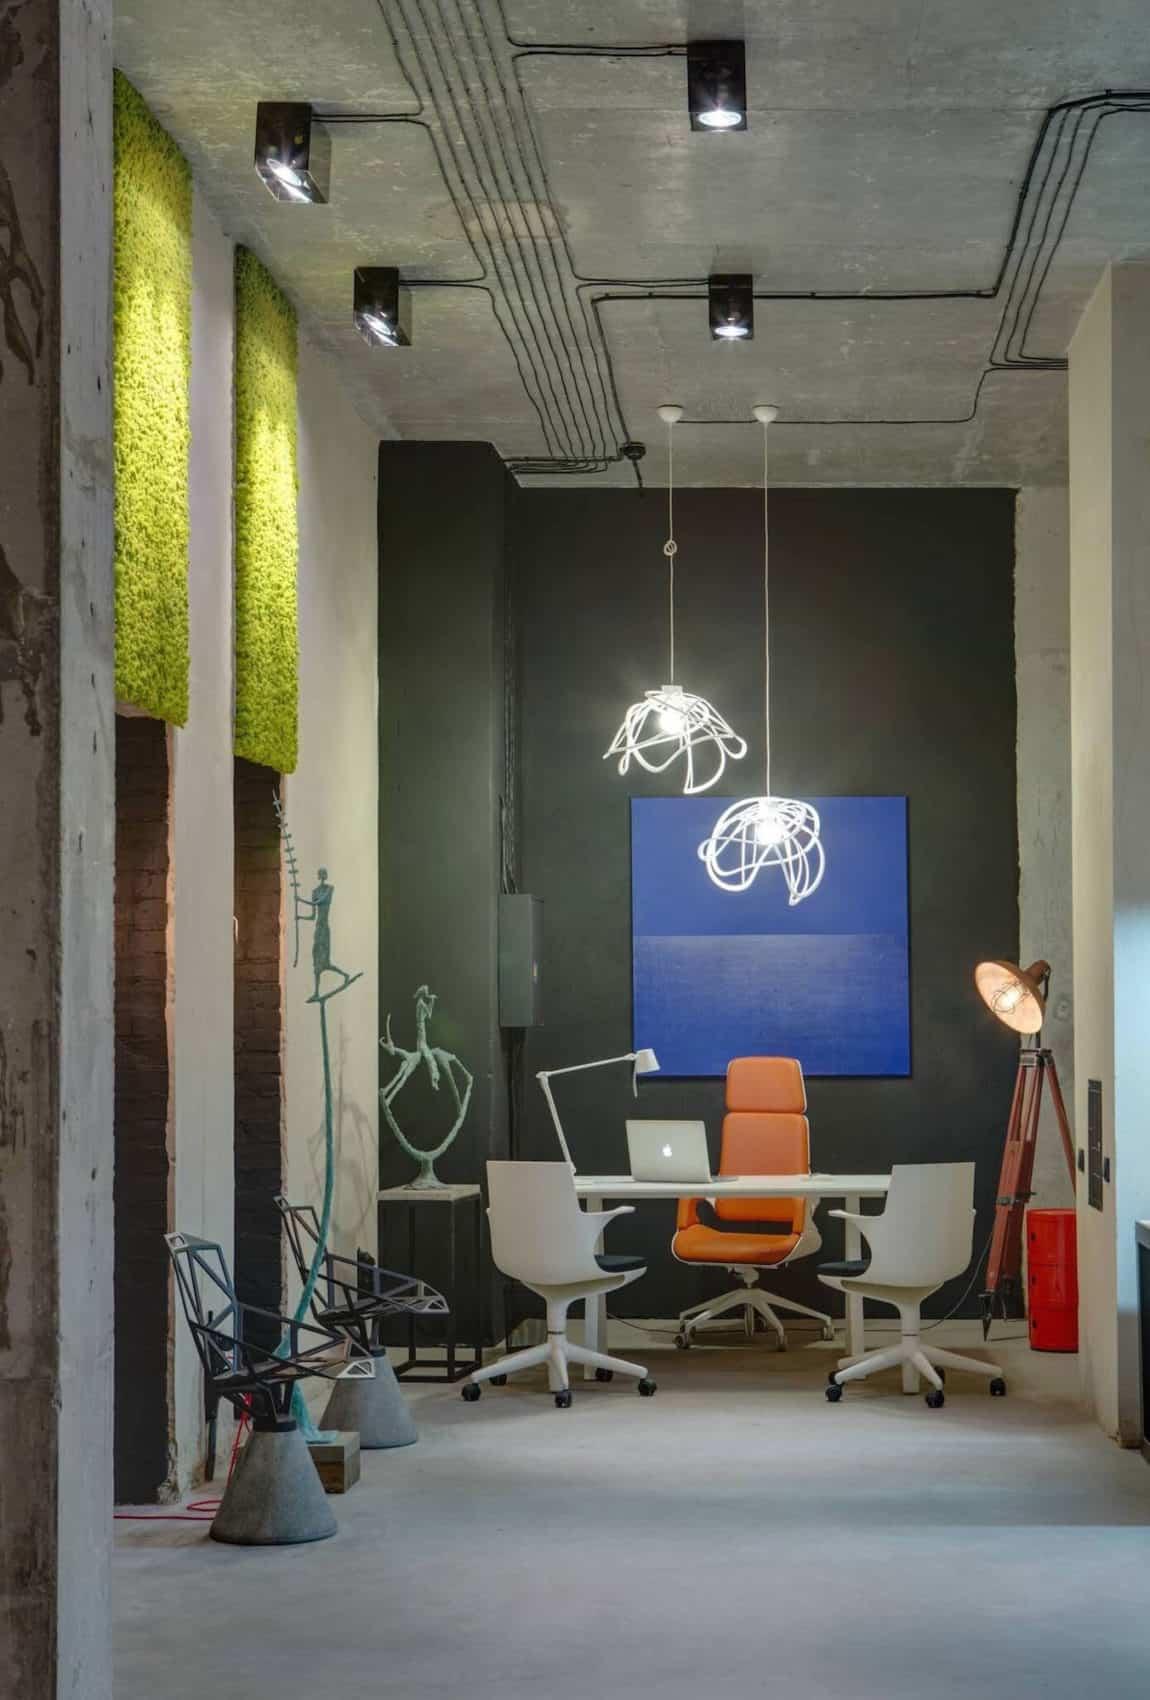 Office Dizaap by Sergey Makhno (18)